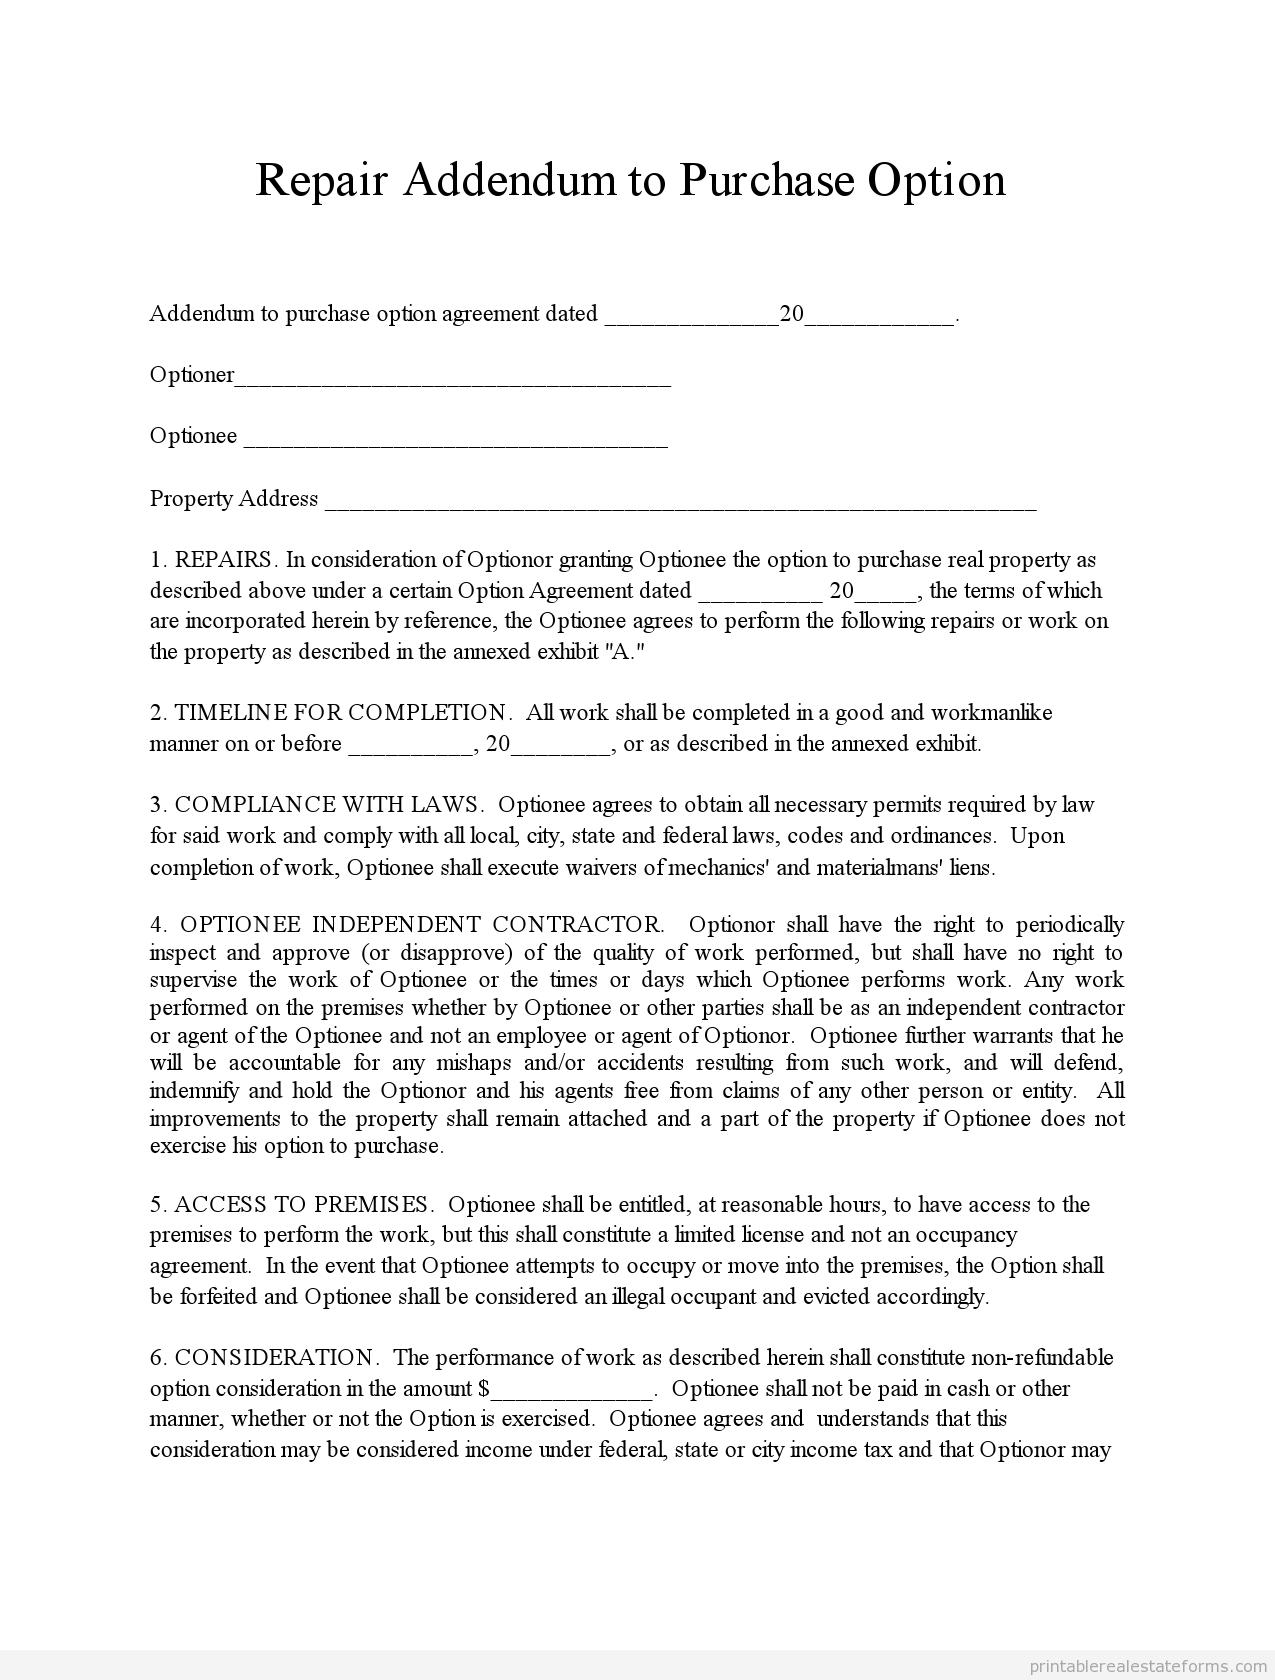 Real Estate Repair Addendum Addendum Letter Examples